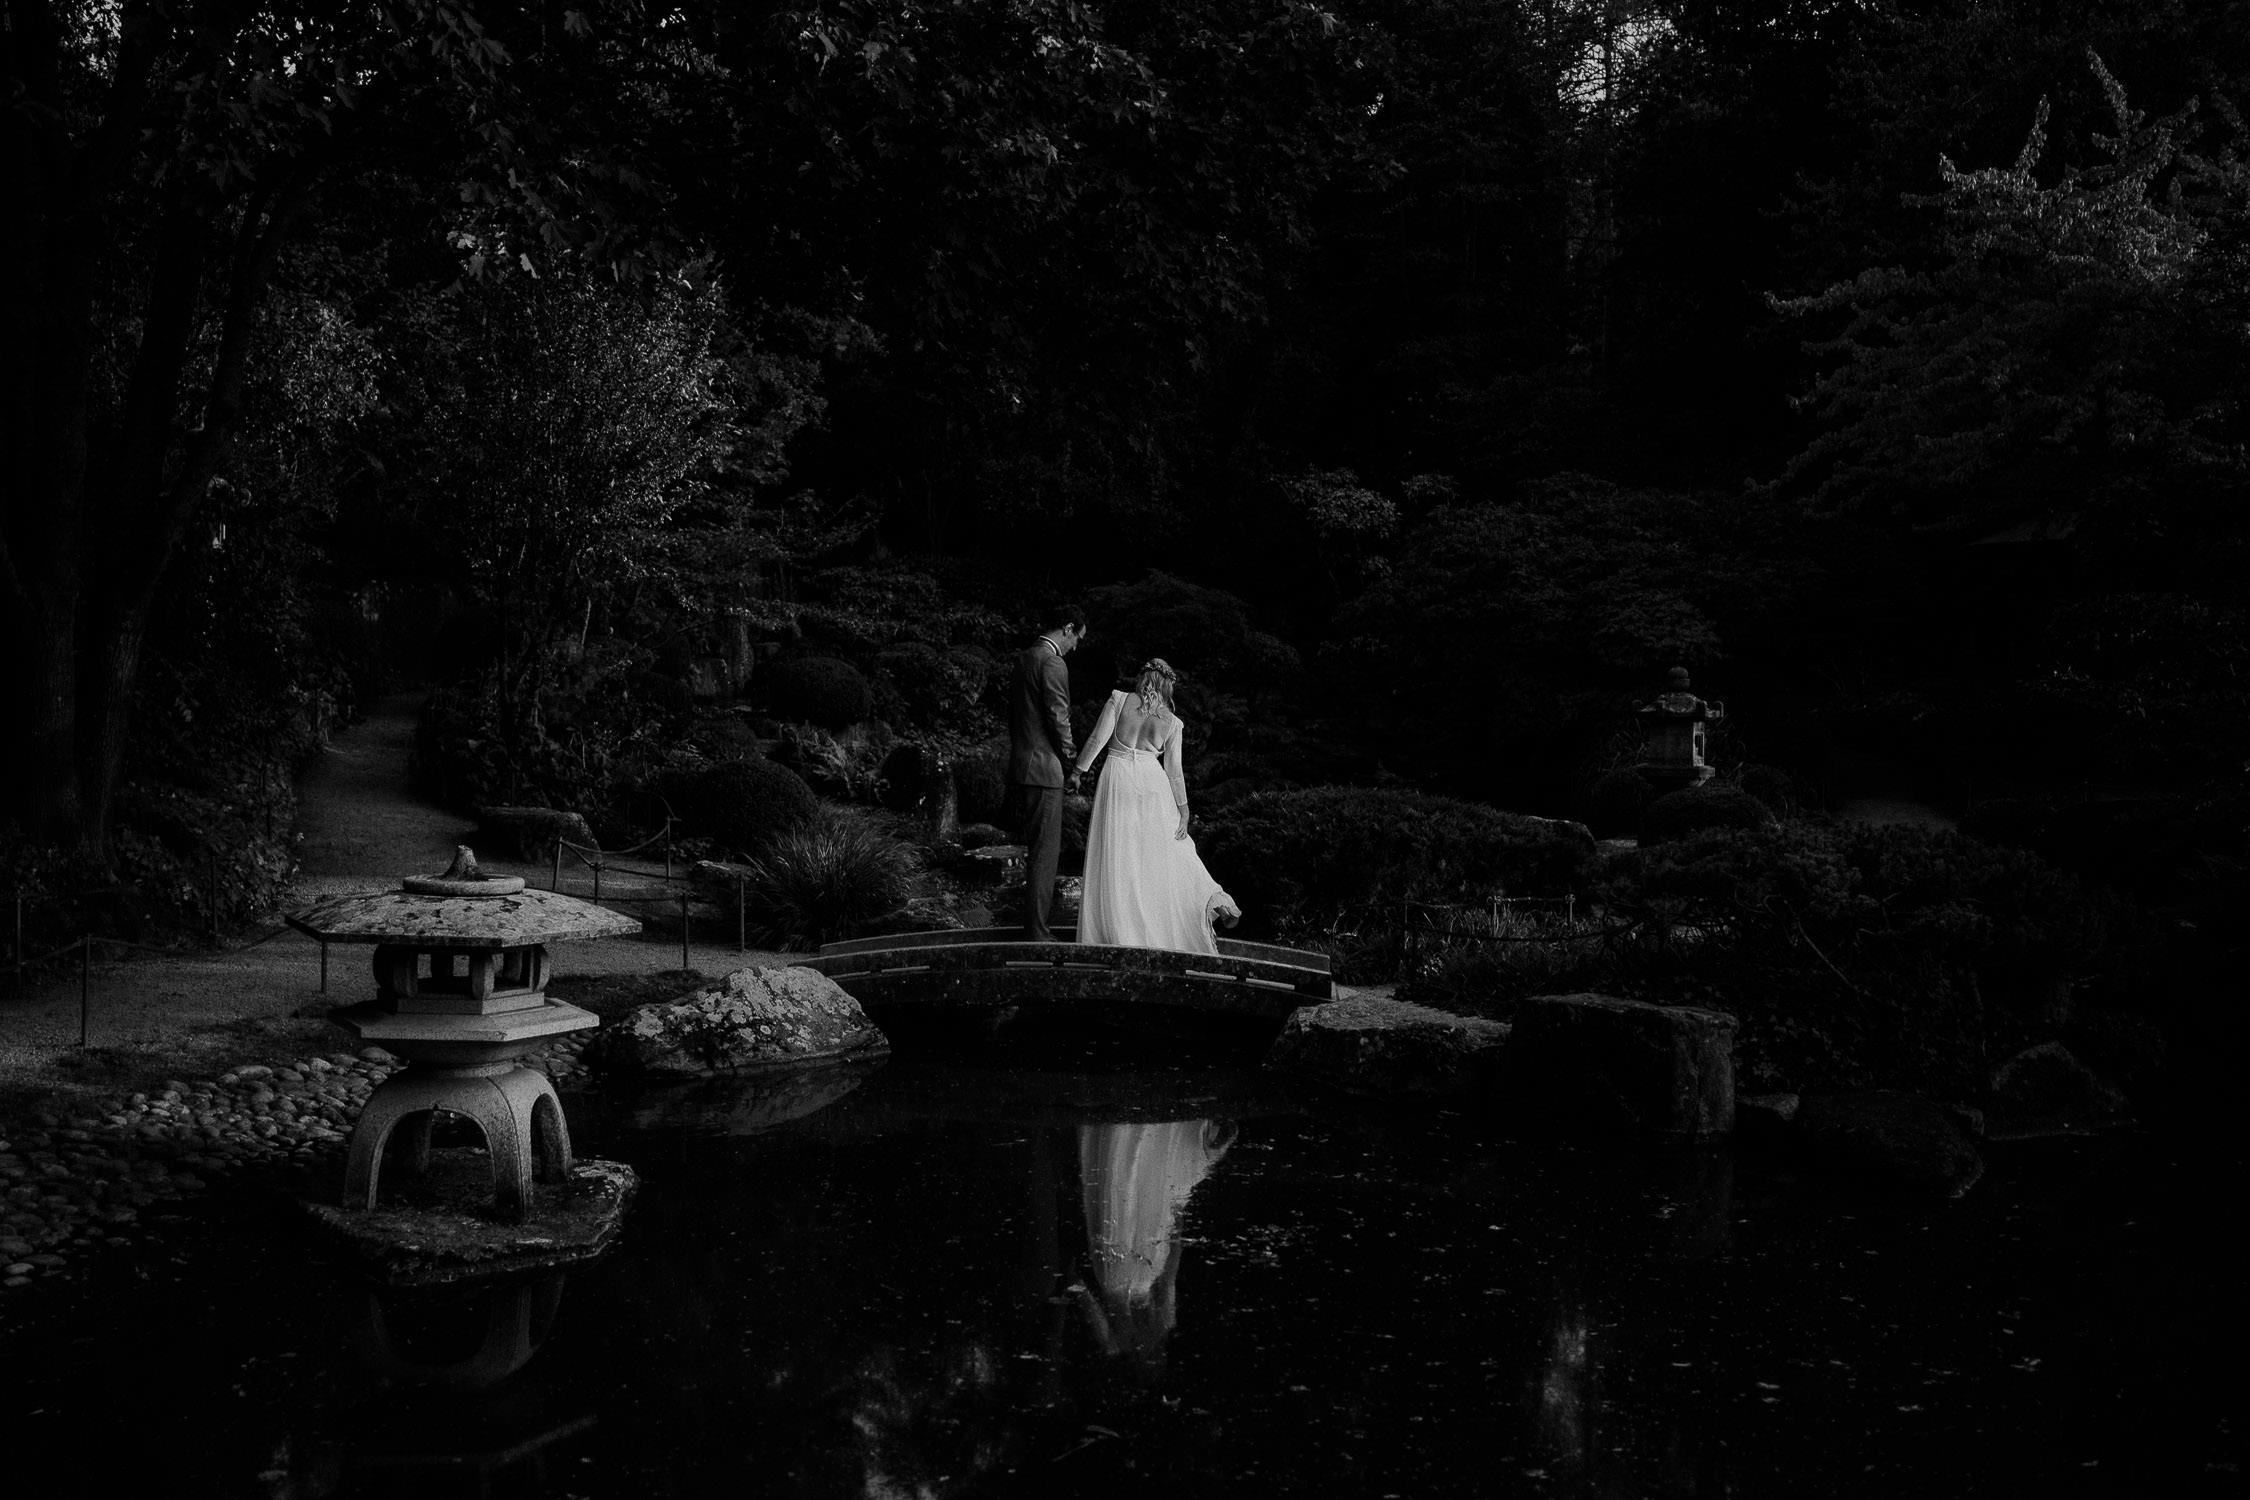 Portrait des Brautpaares in Schwarz Weiß. Fotografiert von Hochzeitsfotograf Axel Link. Das Brautpaar spiegelt sich im See.